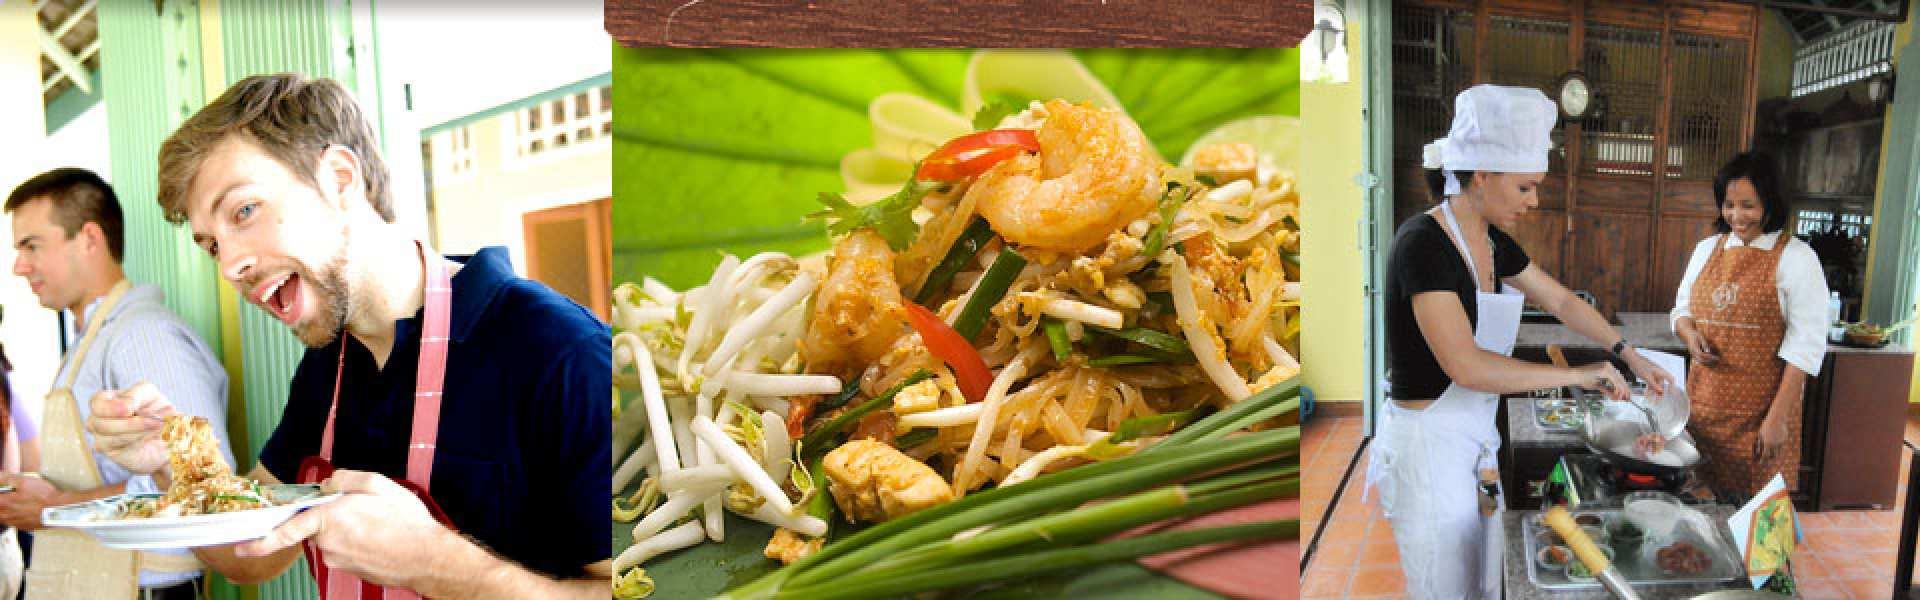 【バンコク】人気料理教室:アミタ・タイ・クッキングクラス(ホテル送迎付き)